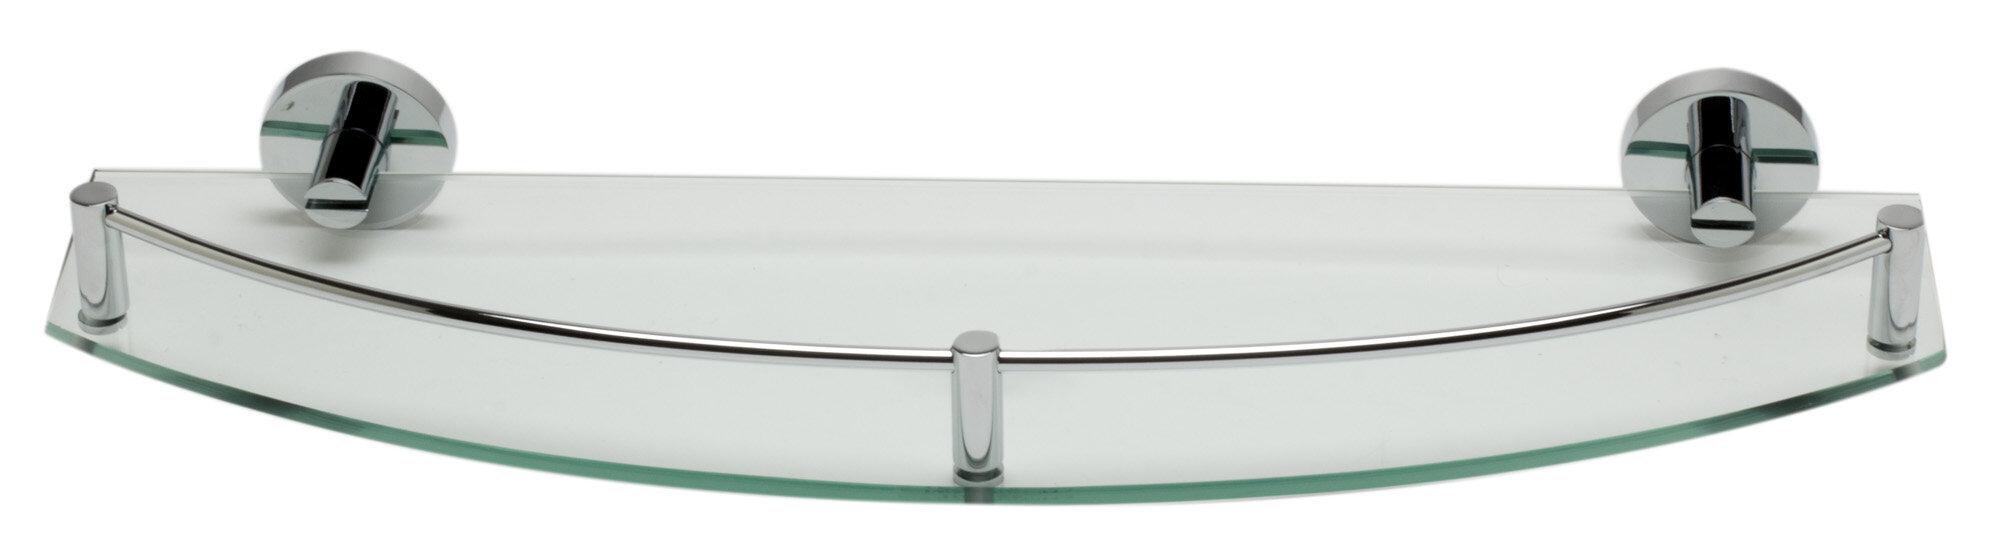 ALFI Brand AB9547 Polished Chrome Wall Mounted Glass Shower Shelf Bathroom  Accessory | Wayfair